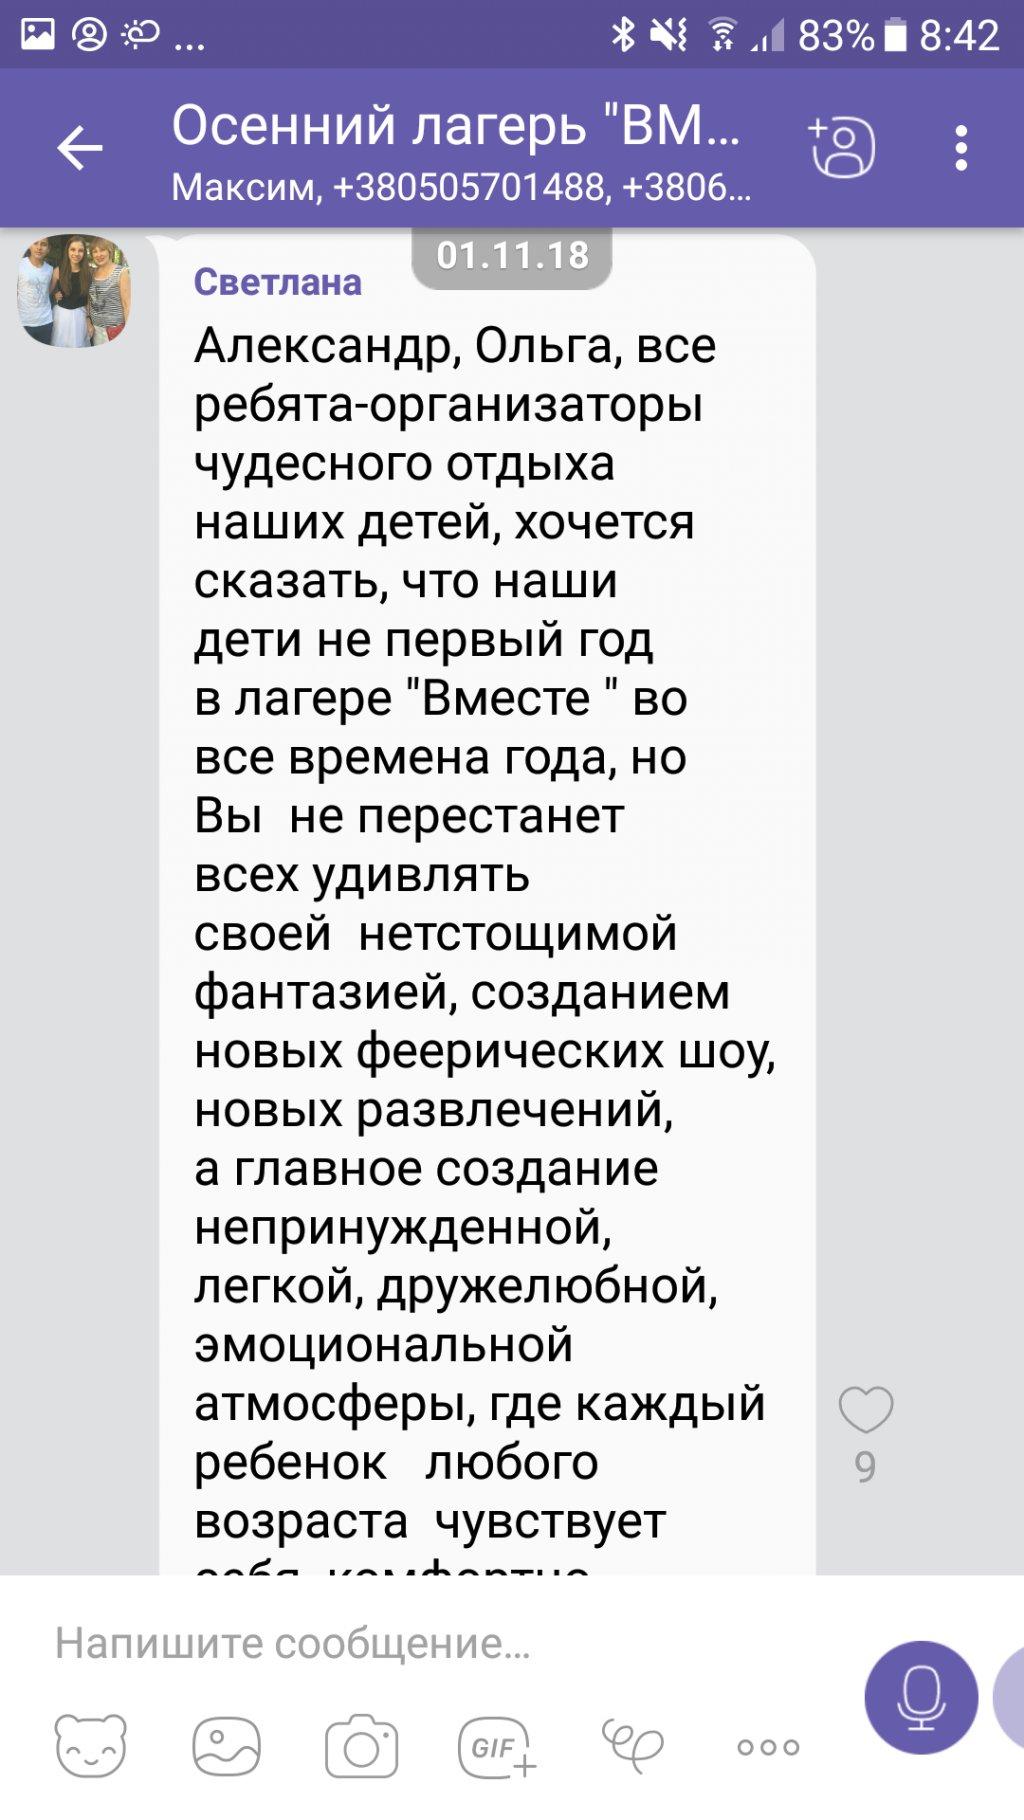 Лагерь ВМЕСТЕ, Китен, Болгария - Просим заметить - плохие отзывы - фейк без имени!